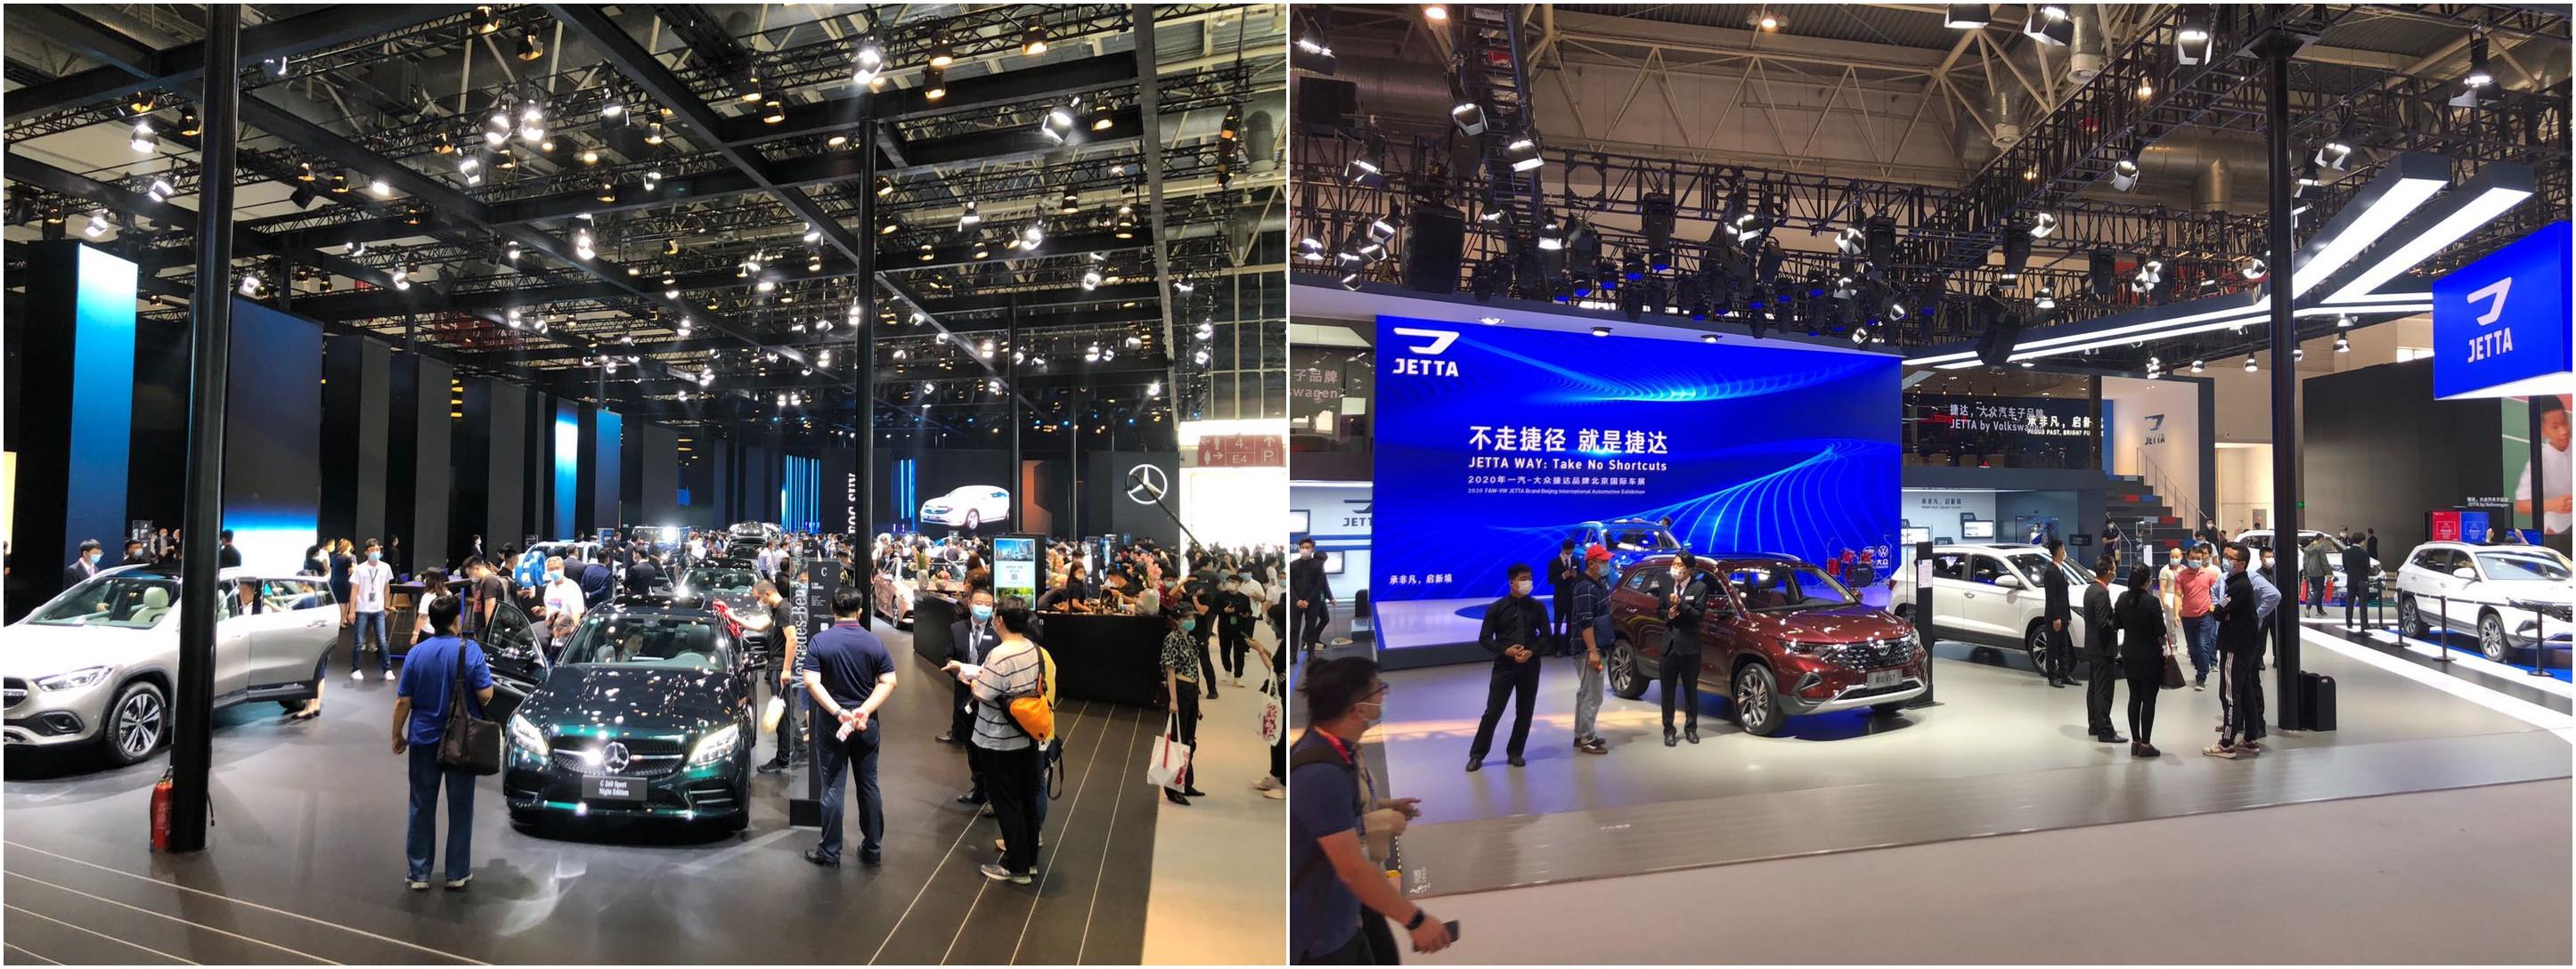 北京车展观察:韩系的诚意 东去的市场